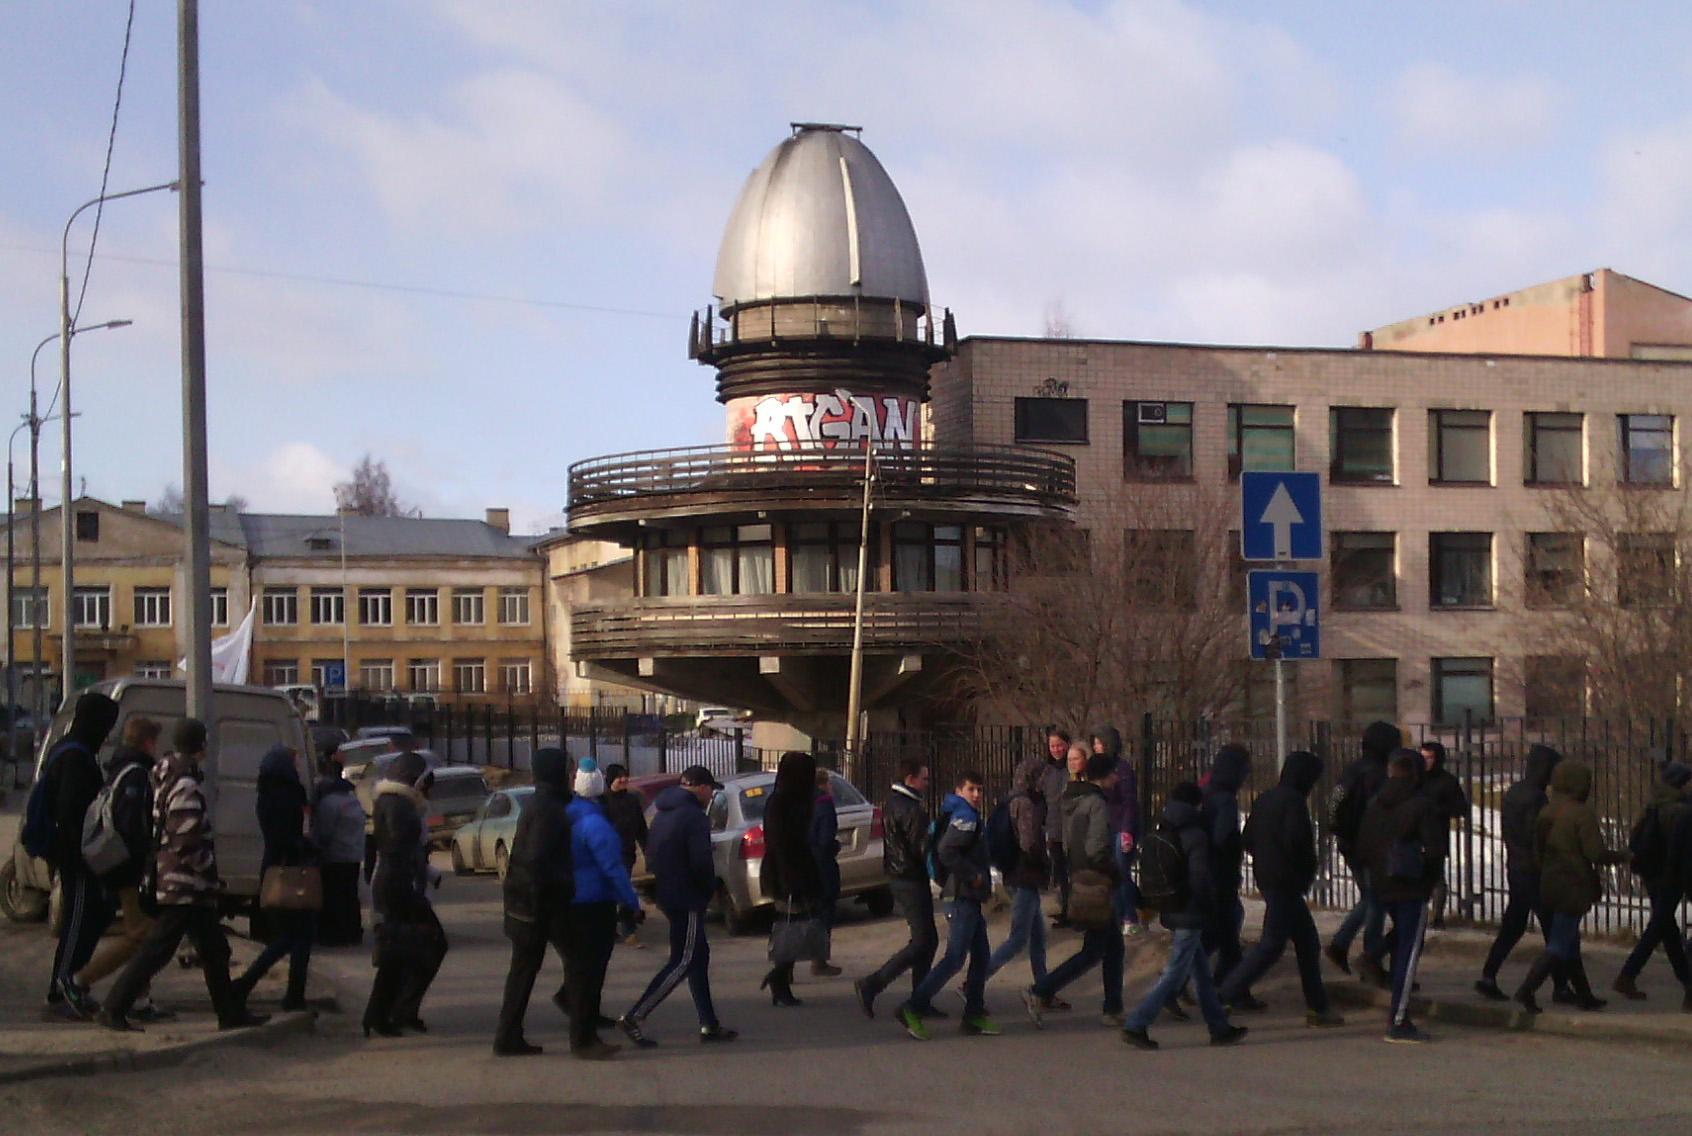 Студентов ведут на митинг в Петрозаводске. Фото: Валерий Поташов